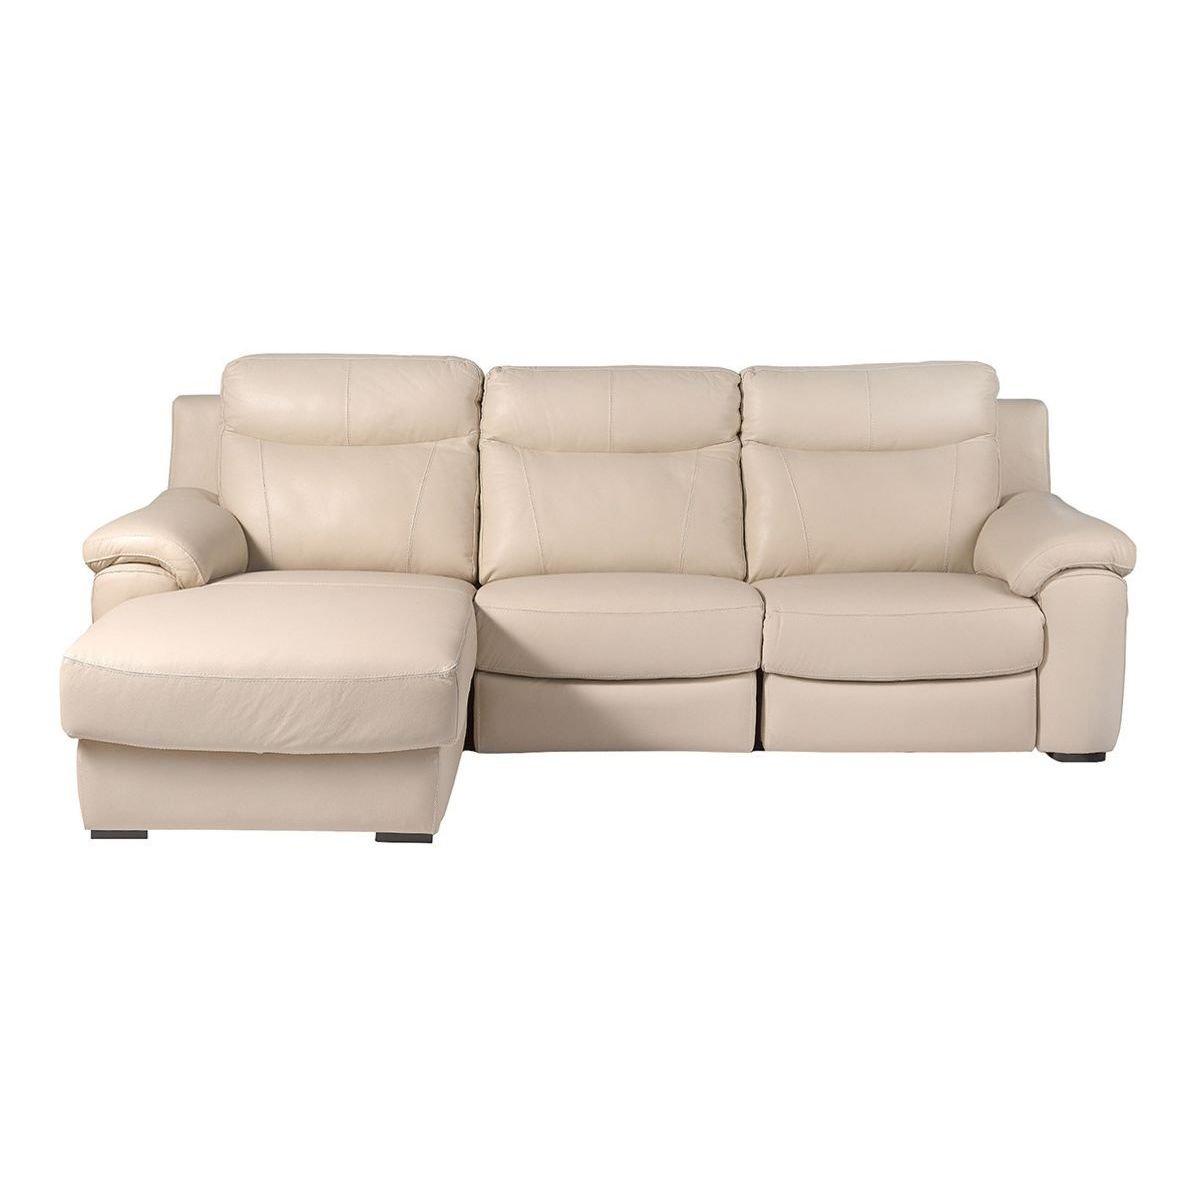 Sof s de piel el corte ingl s for Rebajas sofas de piel